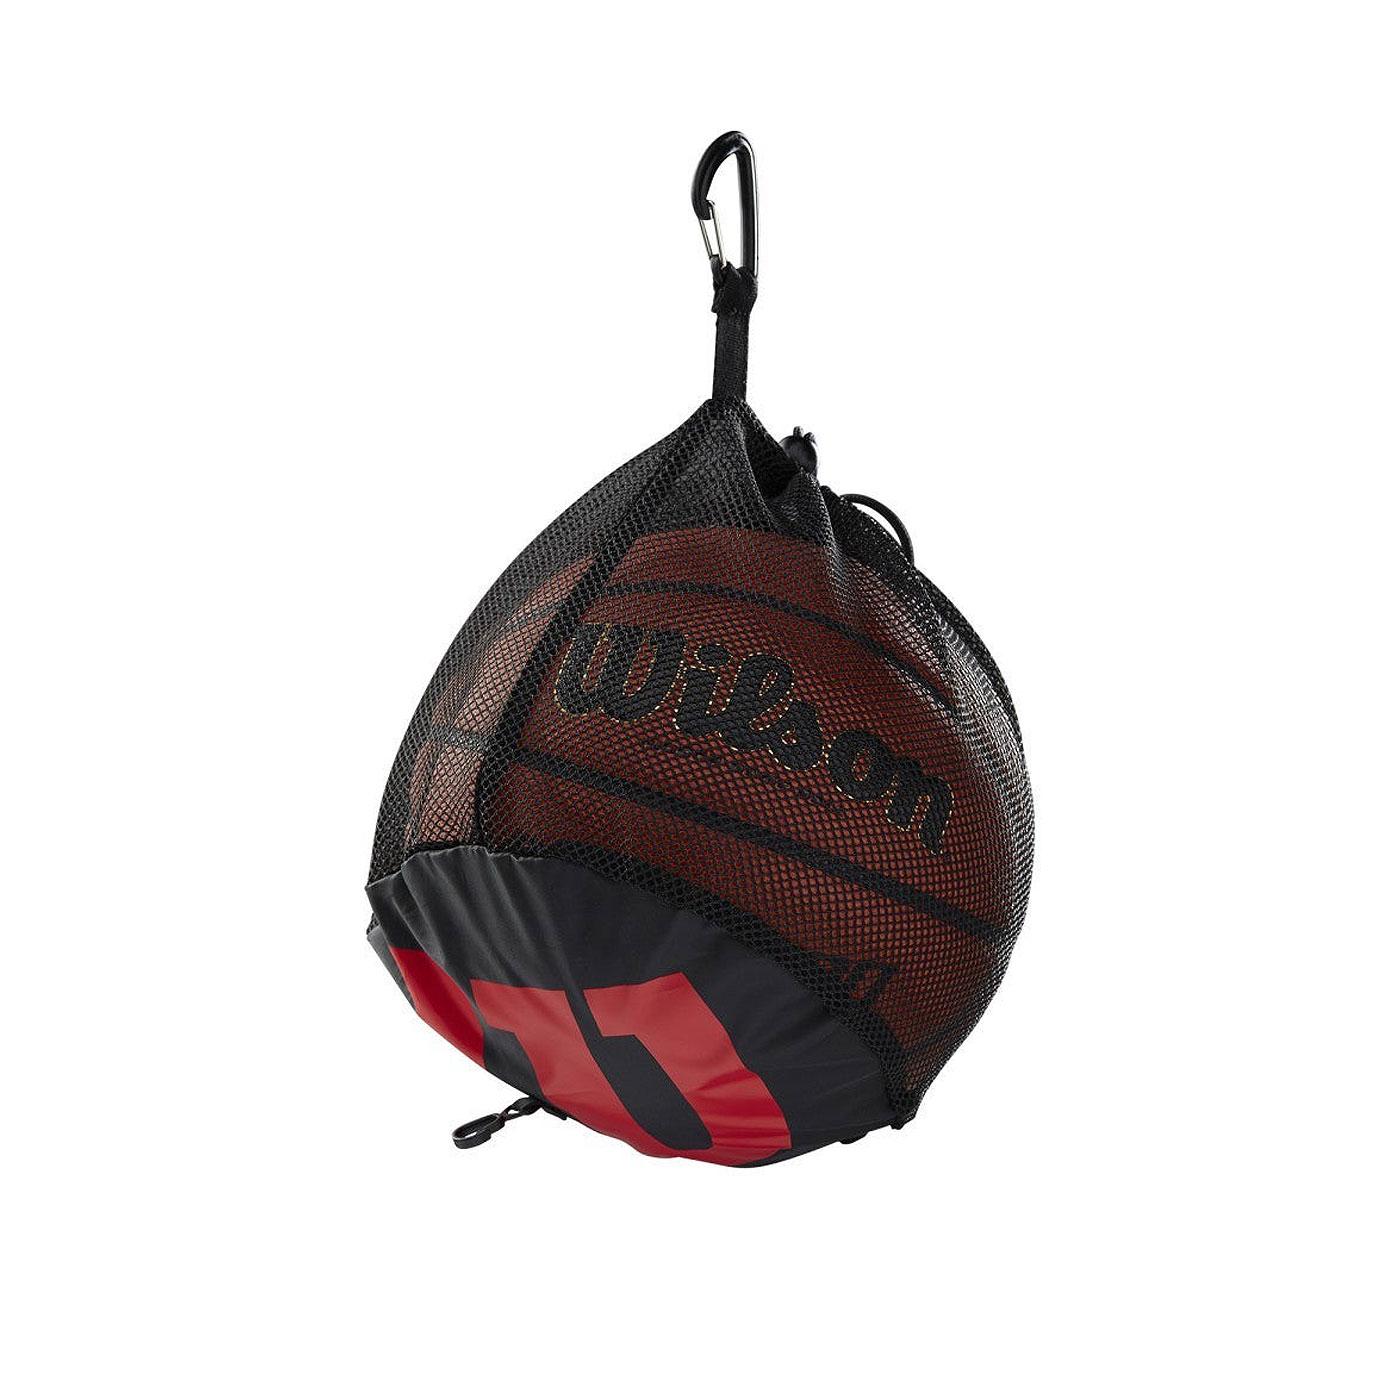 WILSON 單顆裝籃球網袋 WTB201910 - 黑紅